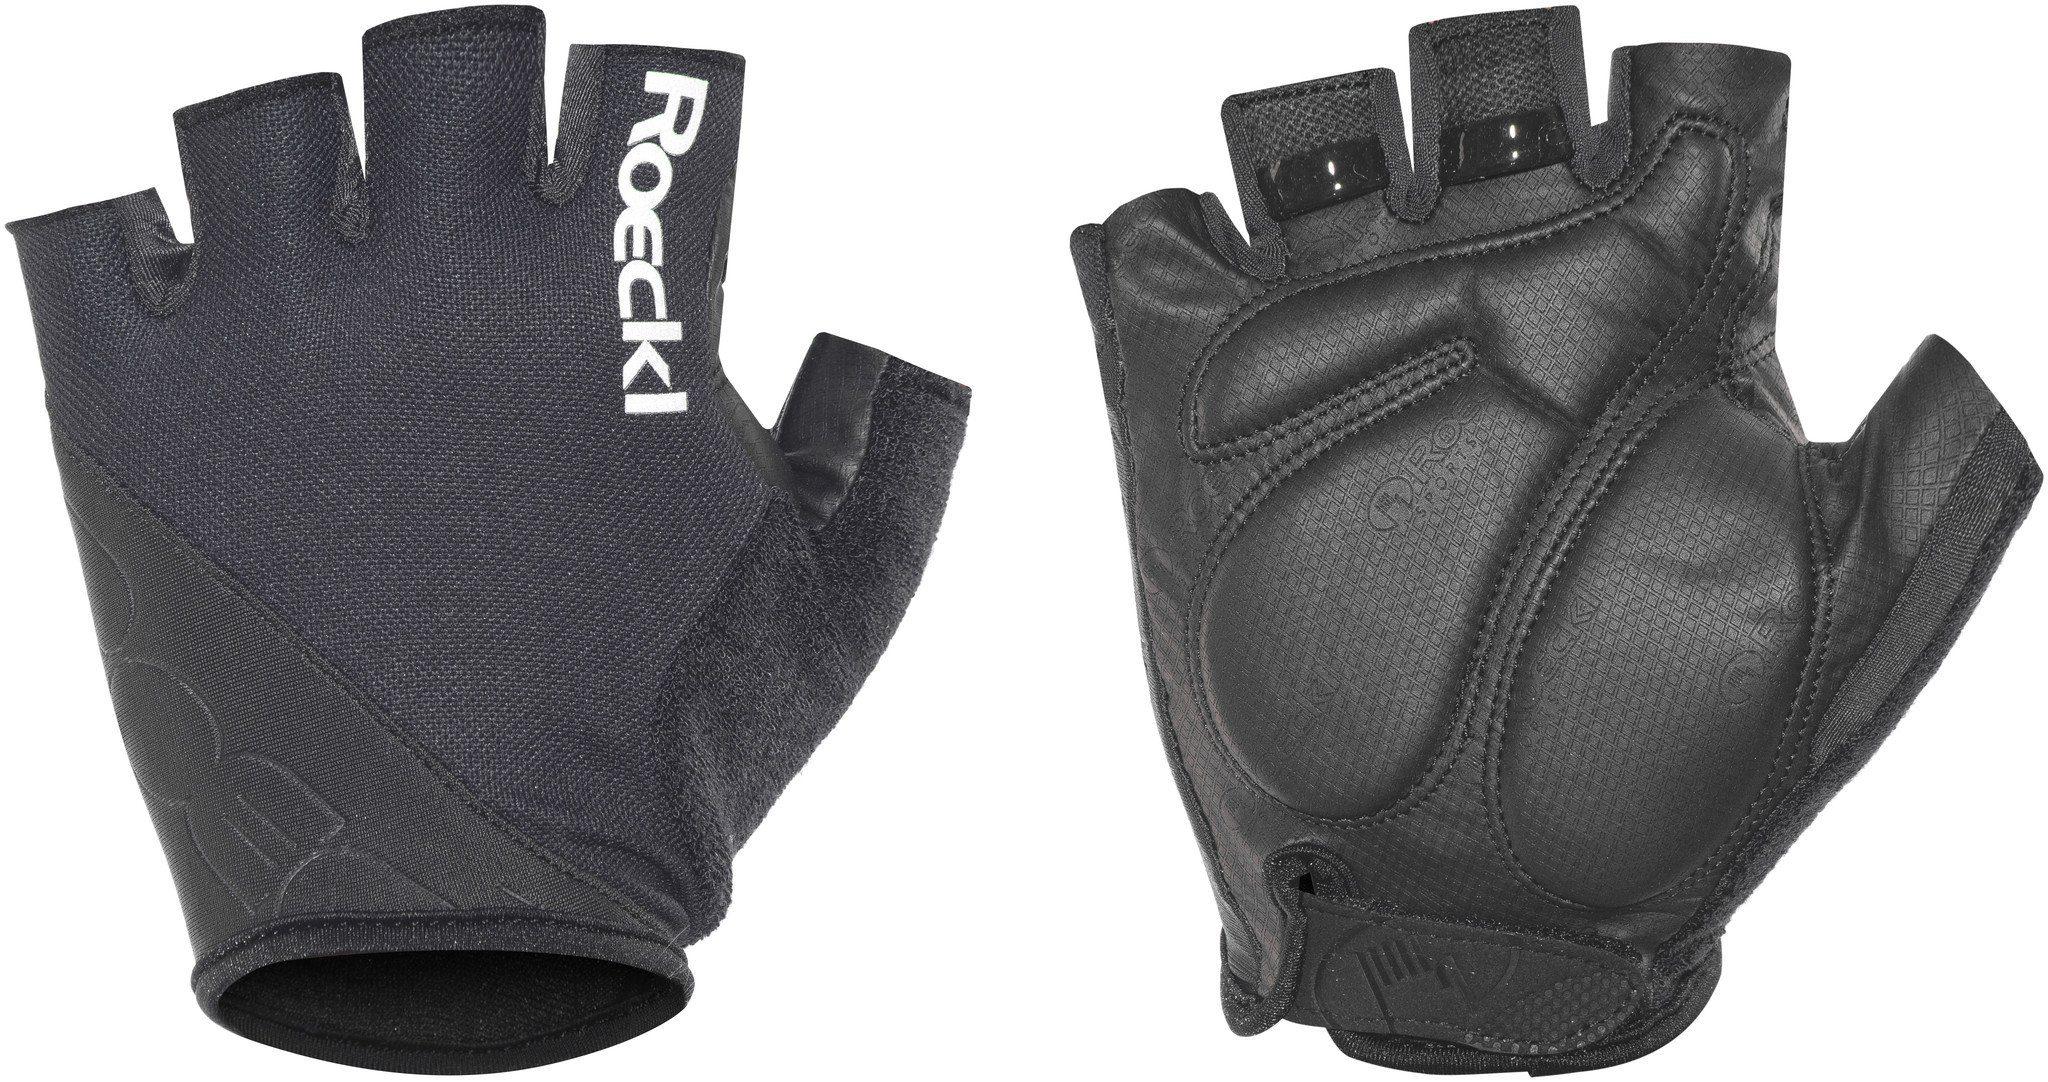 Unisex Roeckl Handschuhe »Bologna Handschuhe« grau, rot, schwarz, weiß   04044791600243